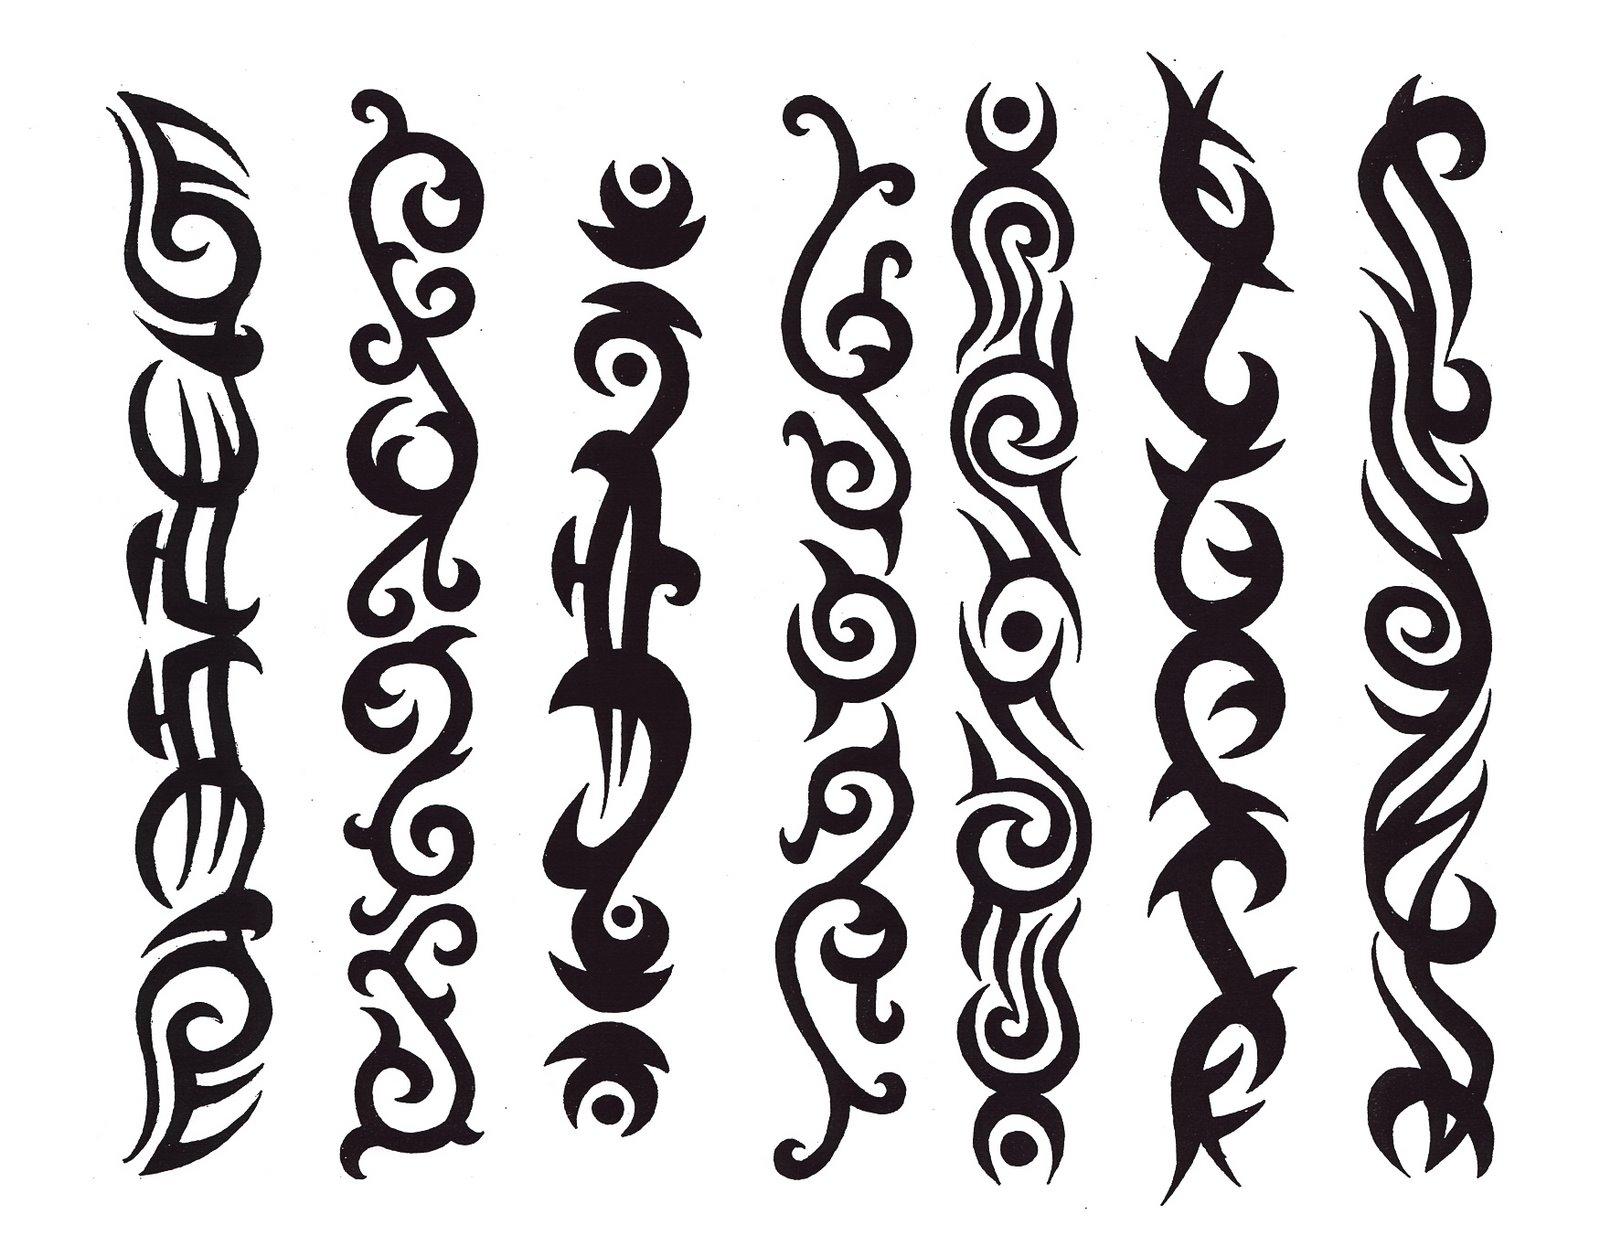 1600x1257 Ebrsty Tattoos Tattoos Designs Tribal